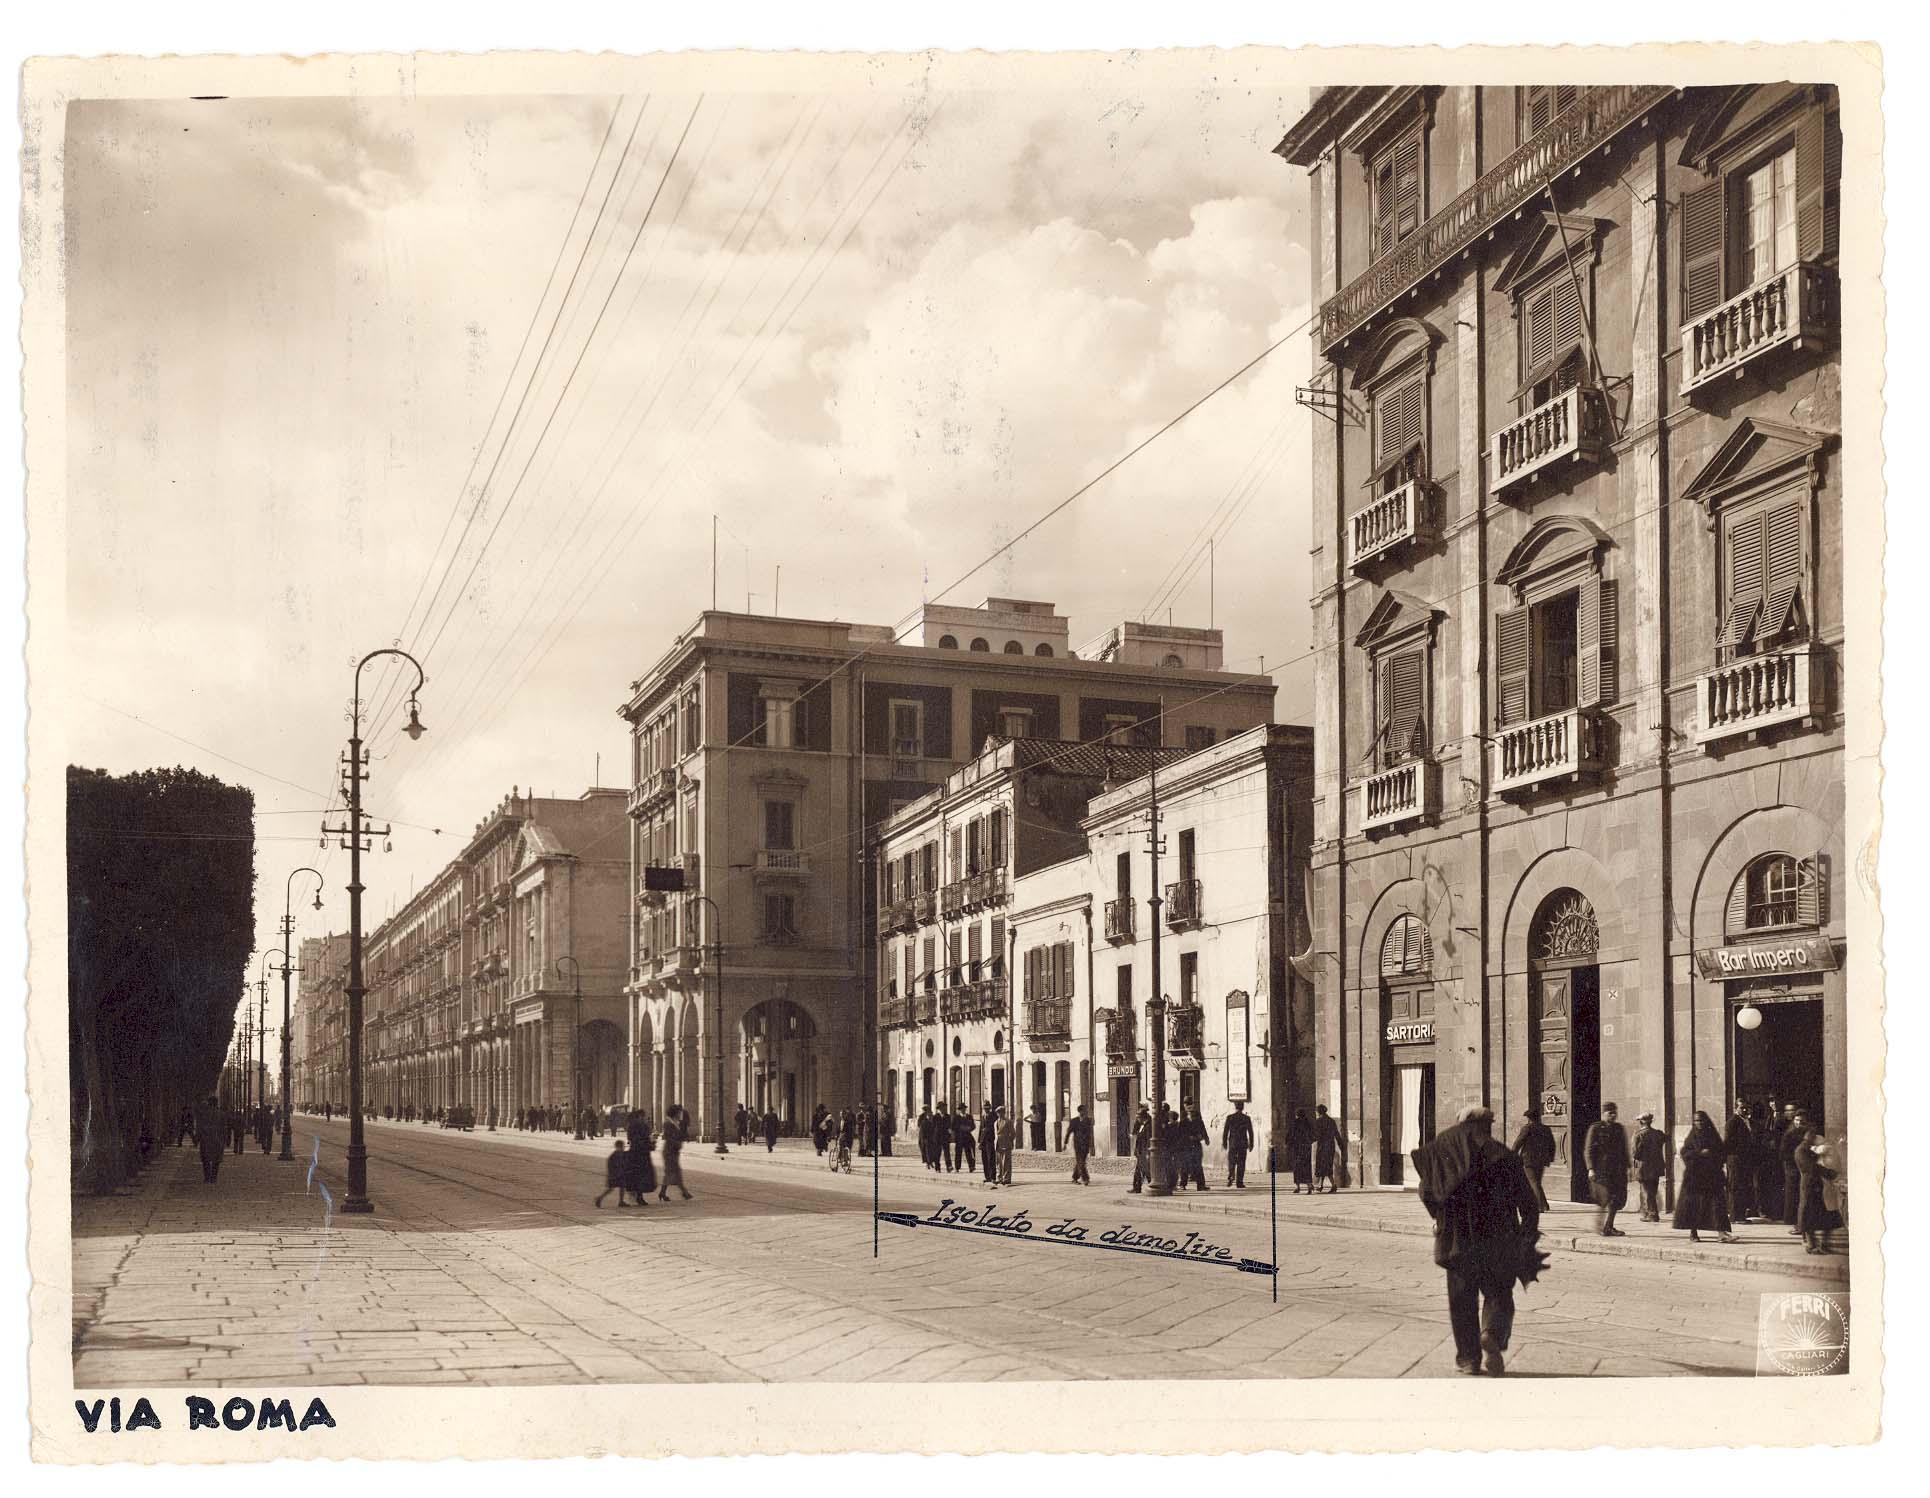 Archivio Comunale - 1930 - Topografia_jpg_foto 0006 1-3